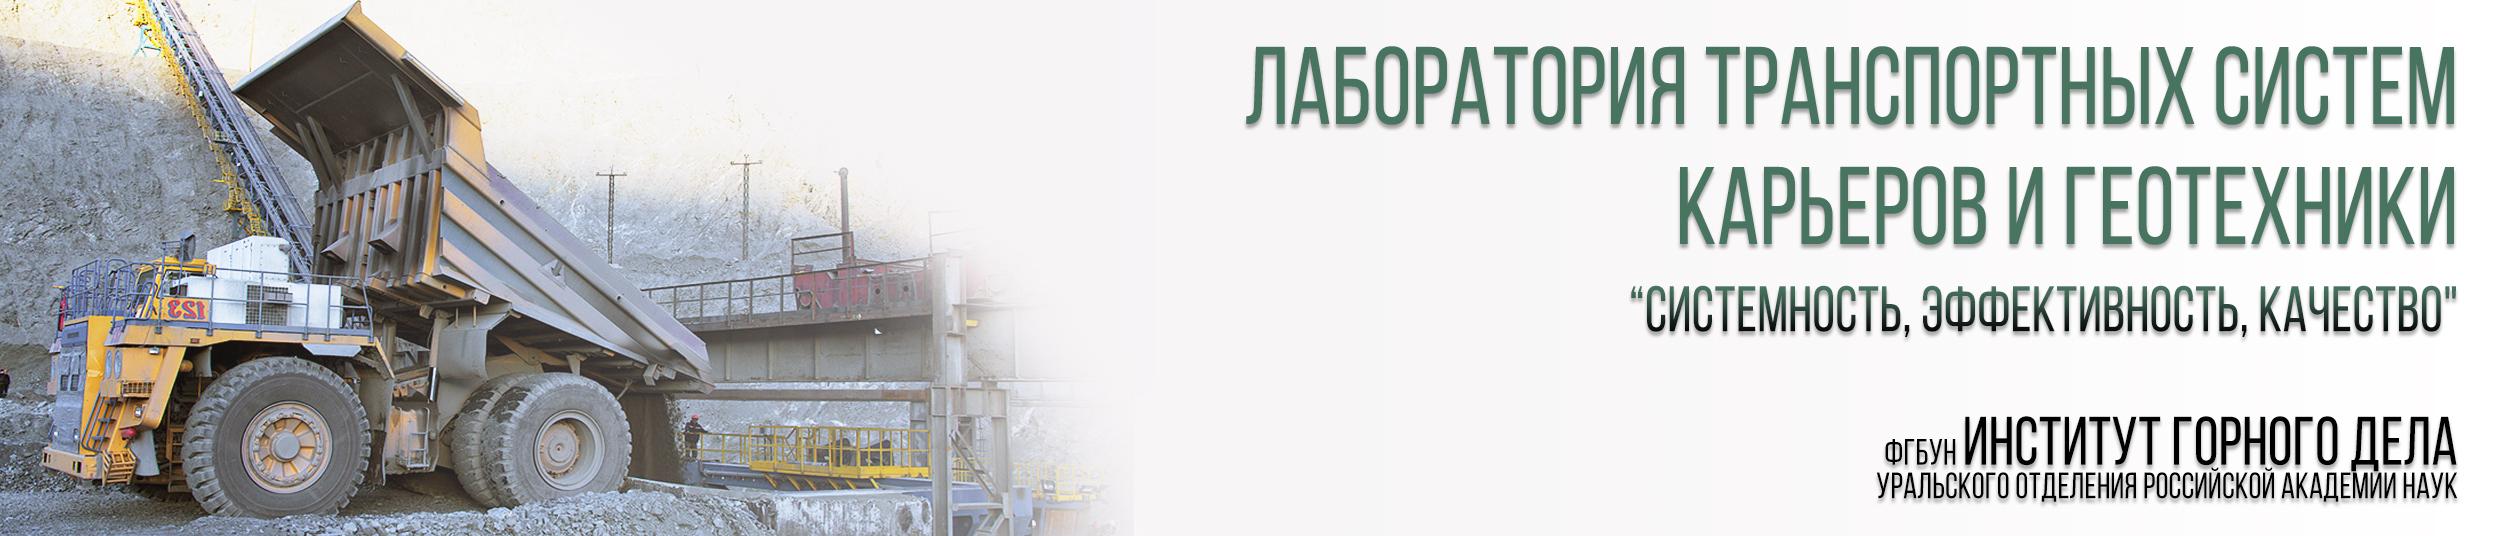 Лаборатория транспортных систем карьеров и геотехники